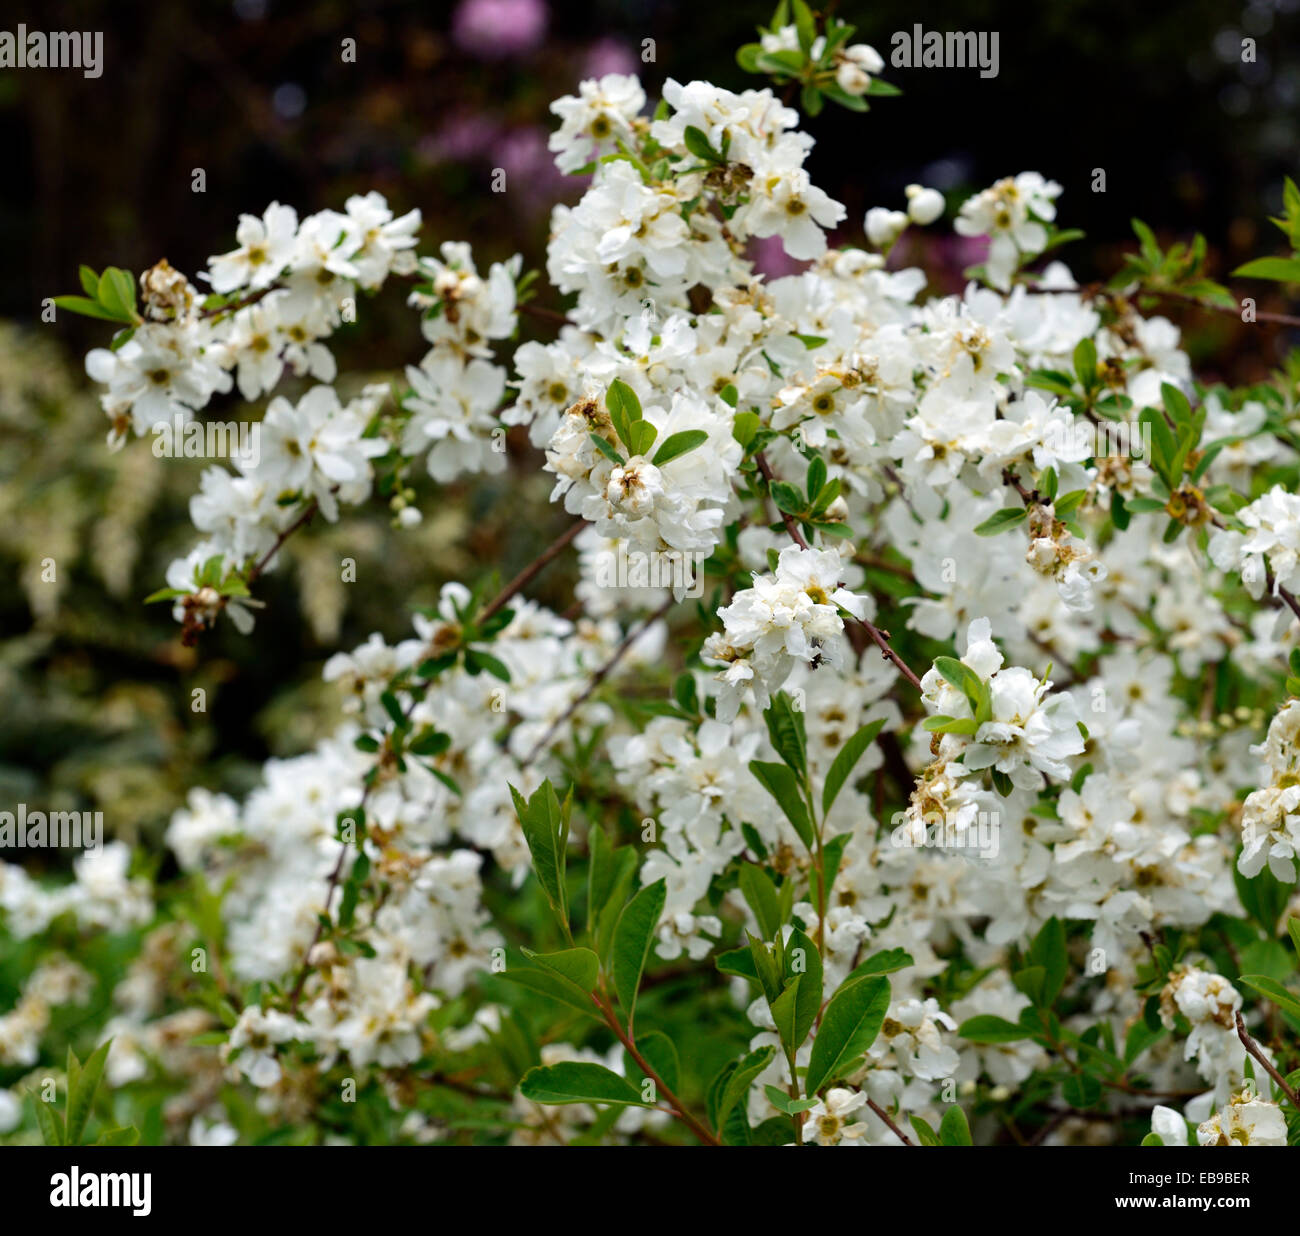 Exochorda x macrantha the bride white flower flowers flowering exochorda x macrantha the bride white flower flowers flowering shrubs summer rm floral mightylinksfo